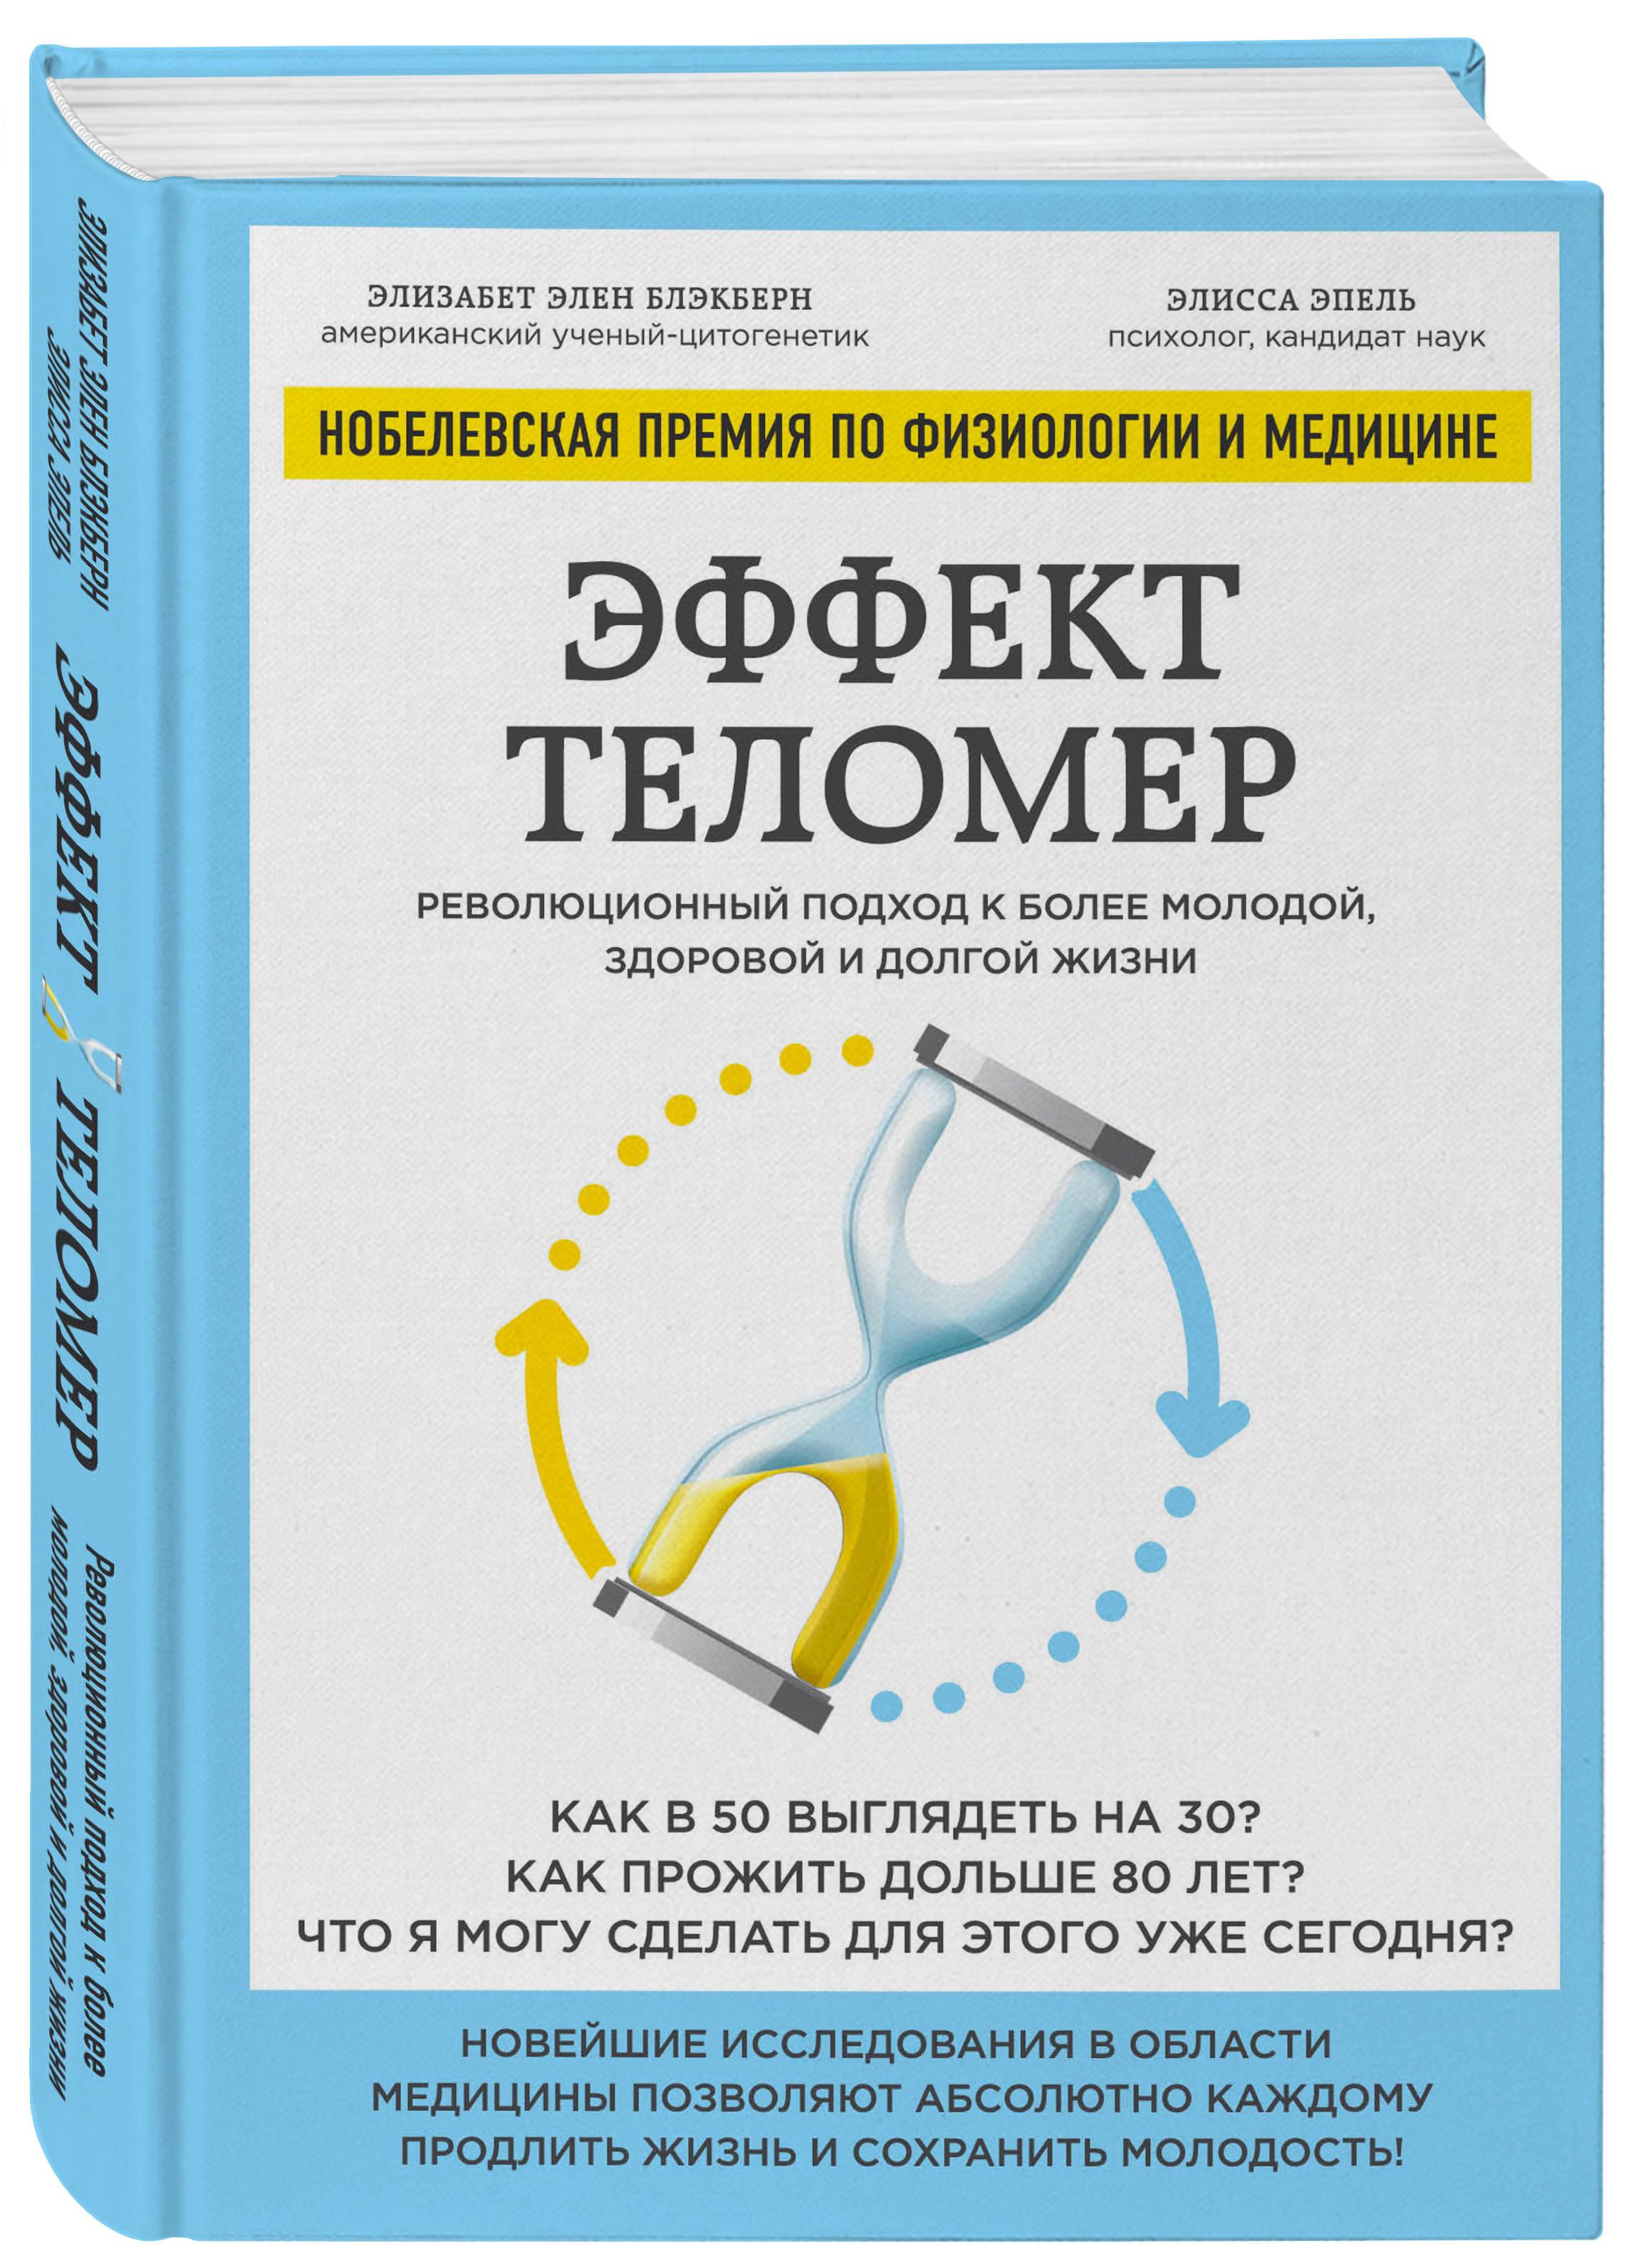 Эффект теломер. Революционный подход к более молодой, здоровой и долгой жизни от book24.ru